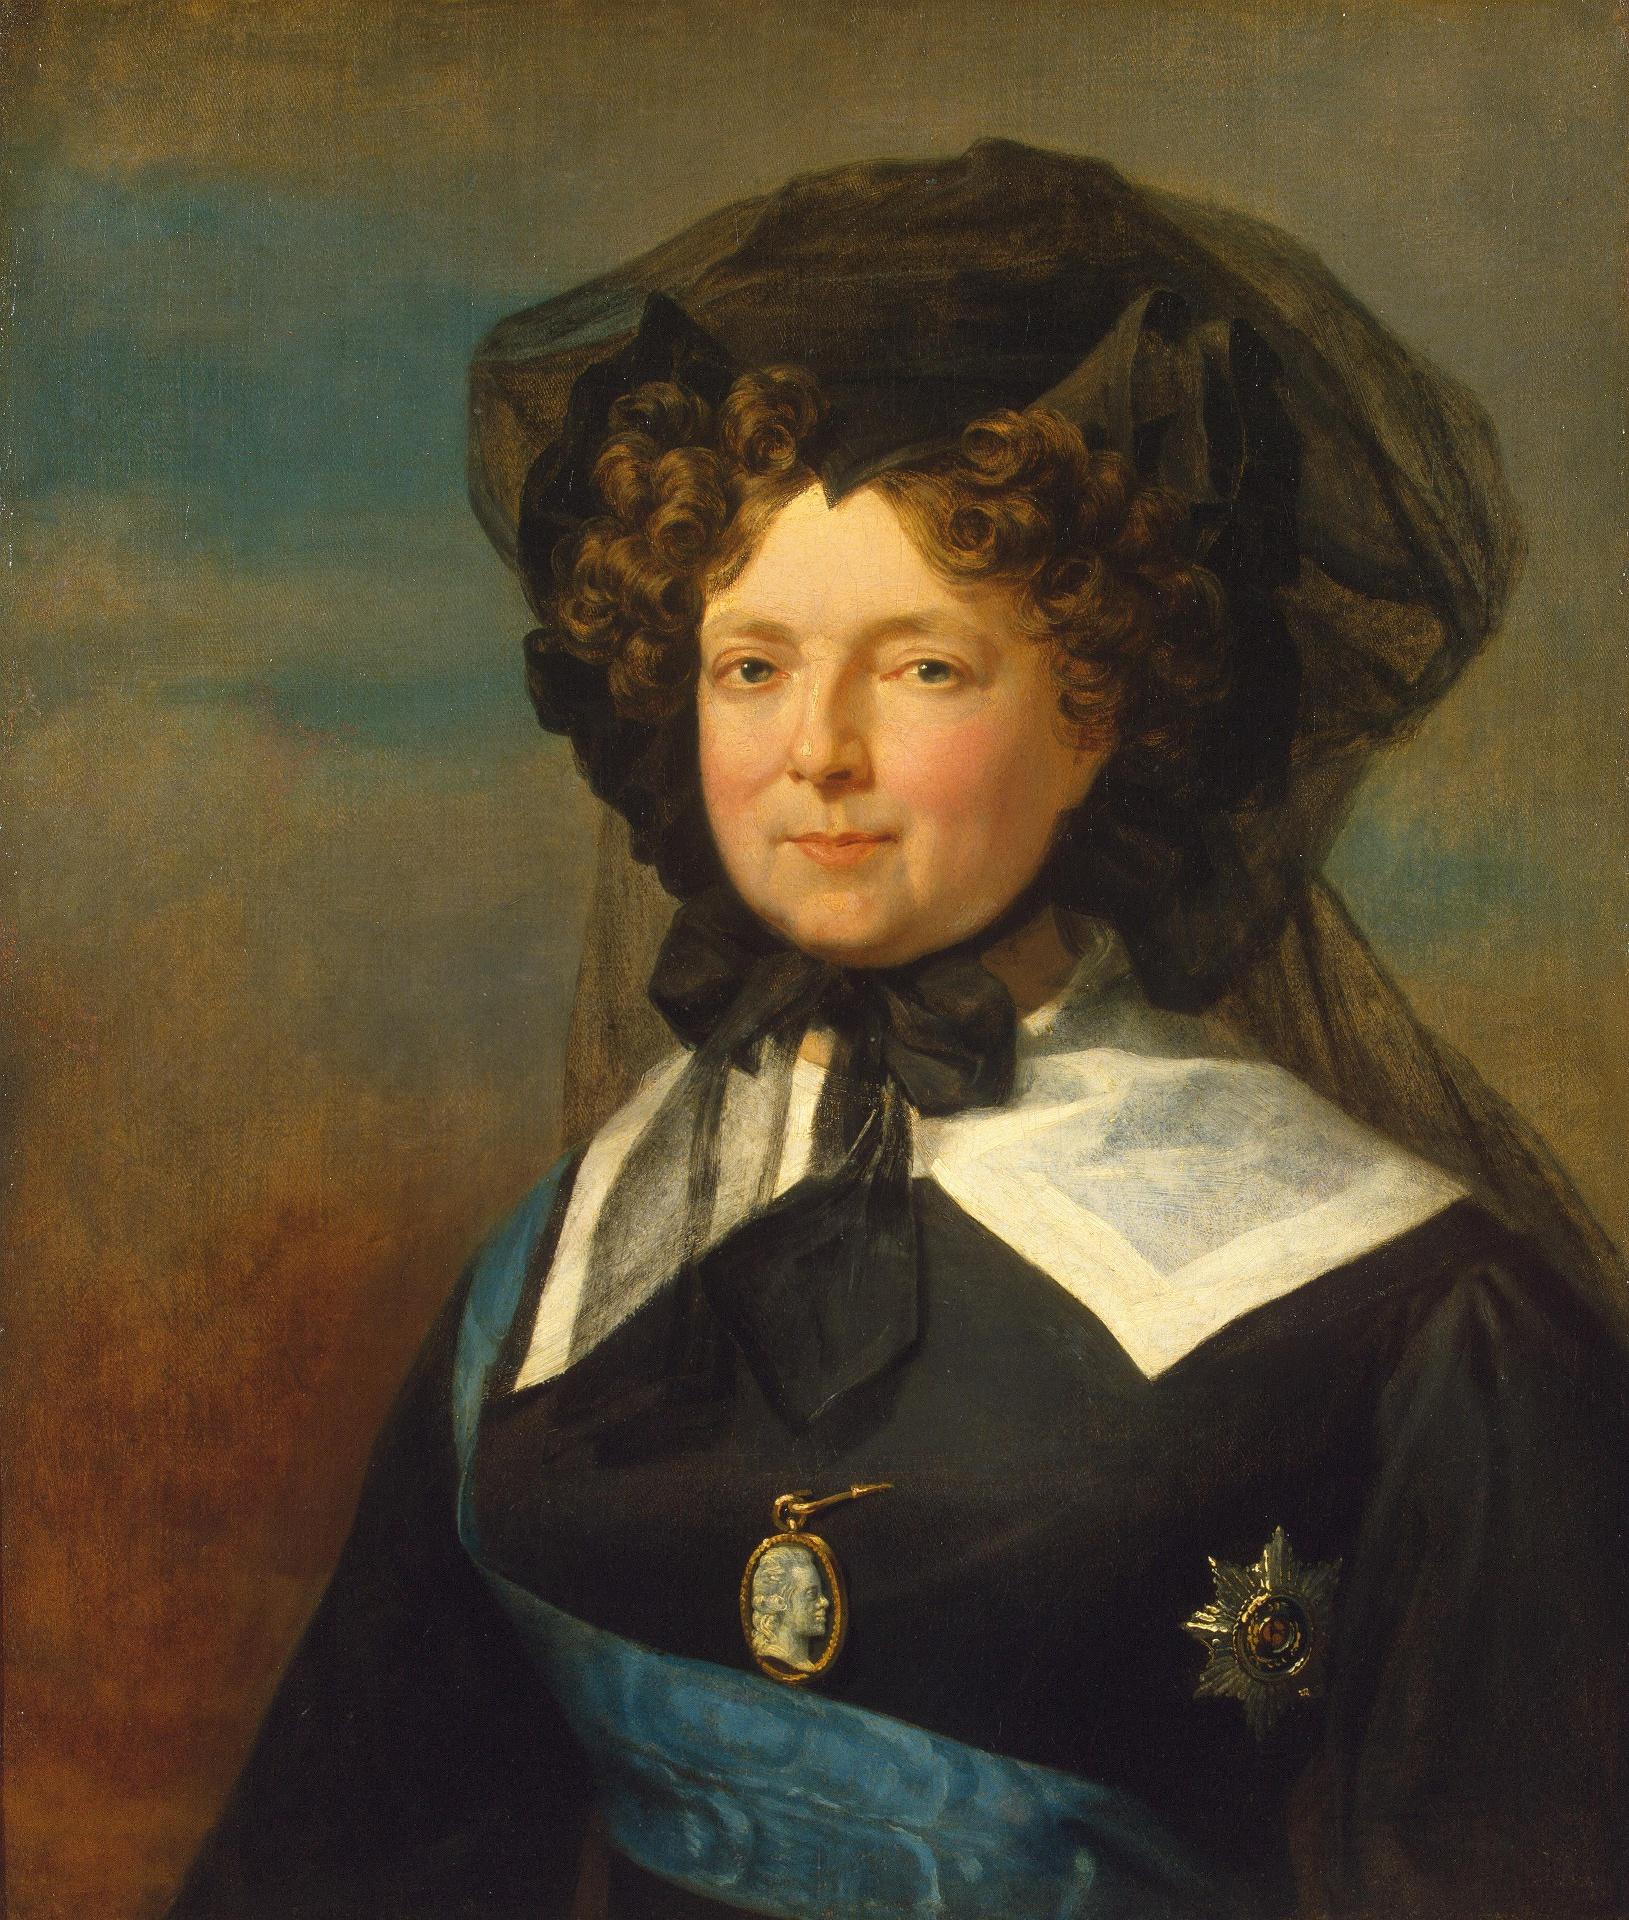 Доу, Джордж. 1781-1829 Портрет императрицы Марии Федоровны в трауре